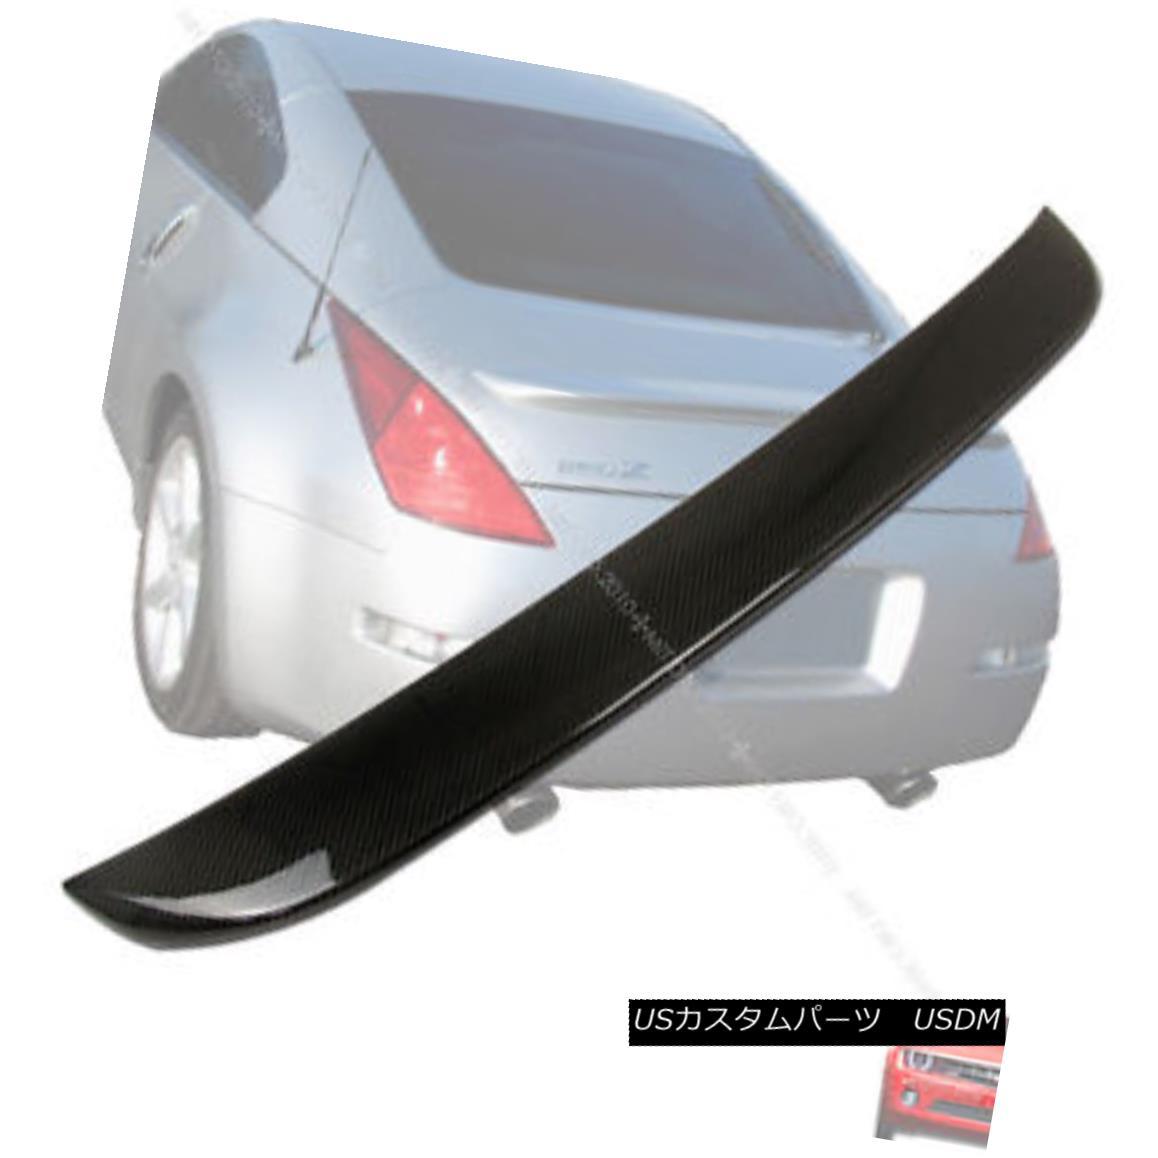 エアロパーツ Carbon For Nissan 350Z Fairlady Z33 Coupe OE Boot Trunk Spoiler 03+ Carbon for Nissan 350ZフェアレディZ33クーペOE Boot Trunk Spoiler 03+